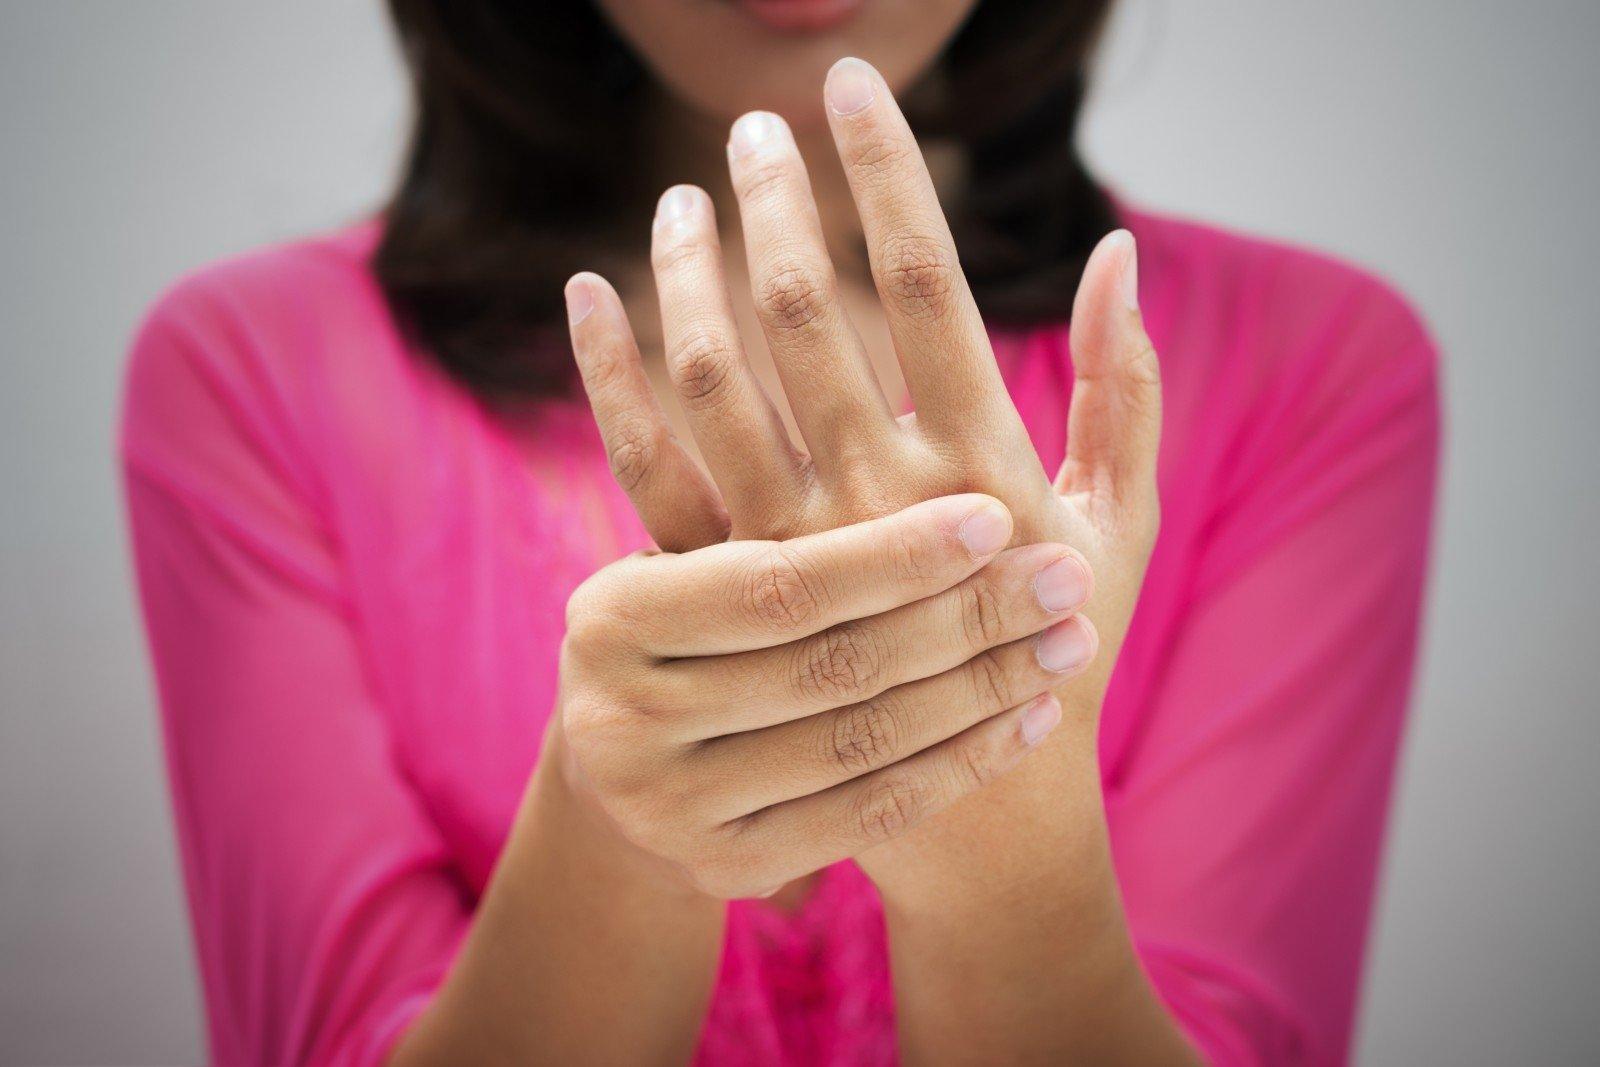 artrozė iš kairės peties sąnario ligos sąnarių ant šepečių rankas